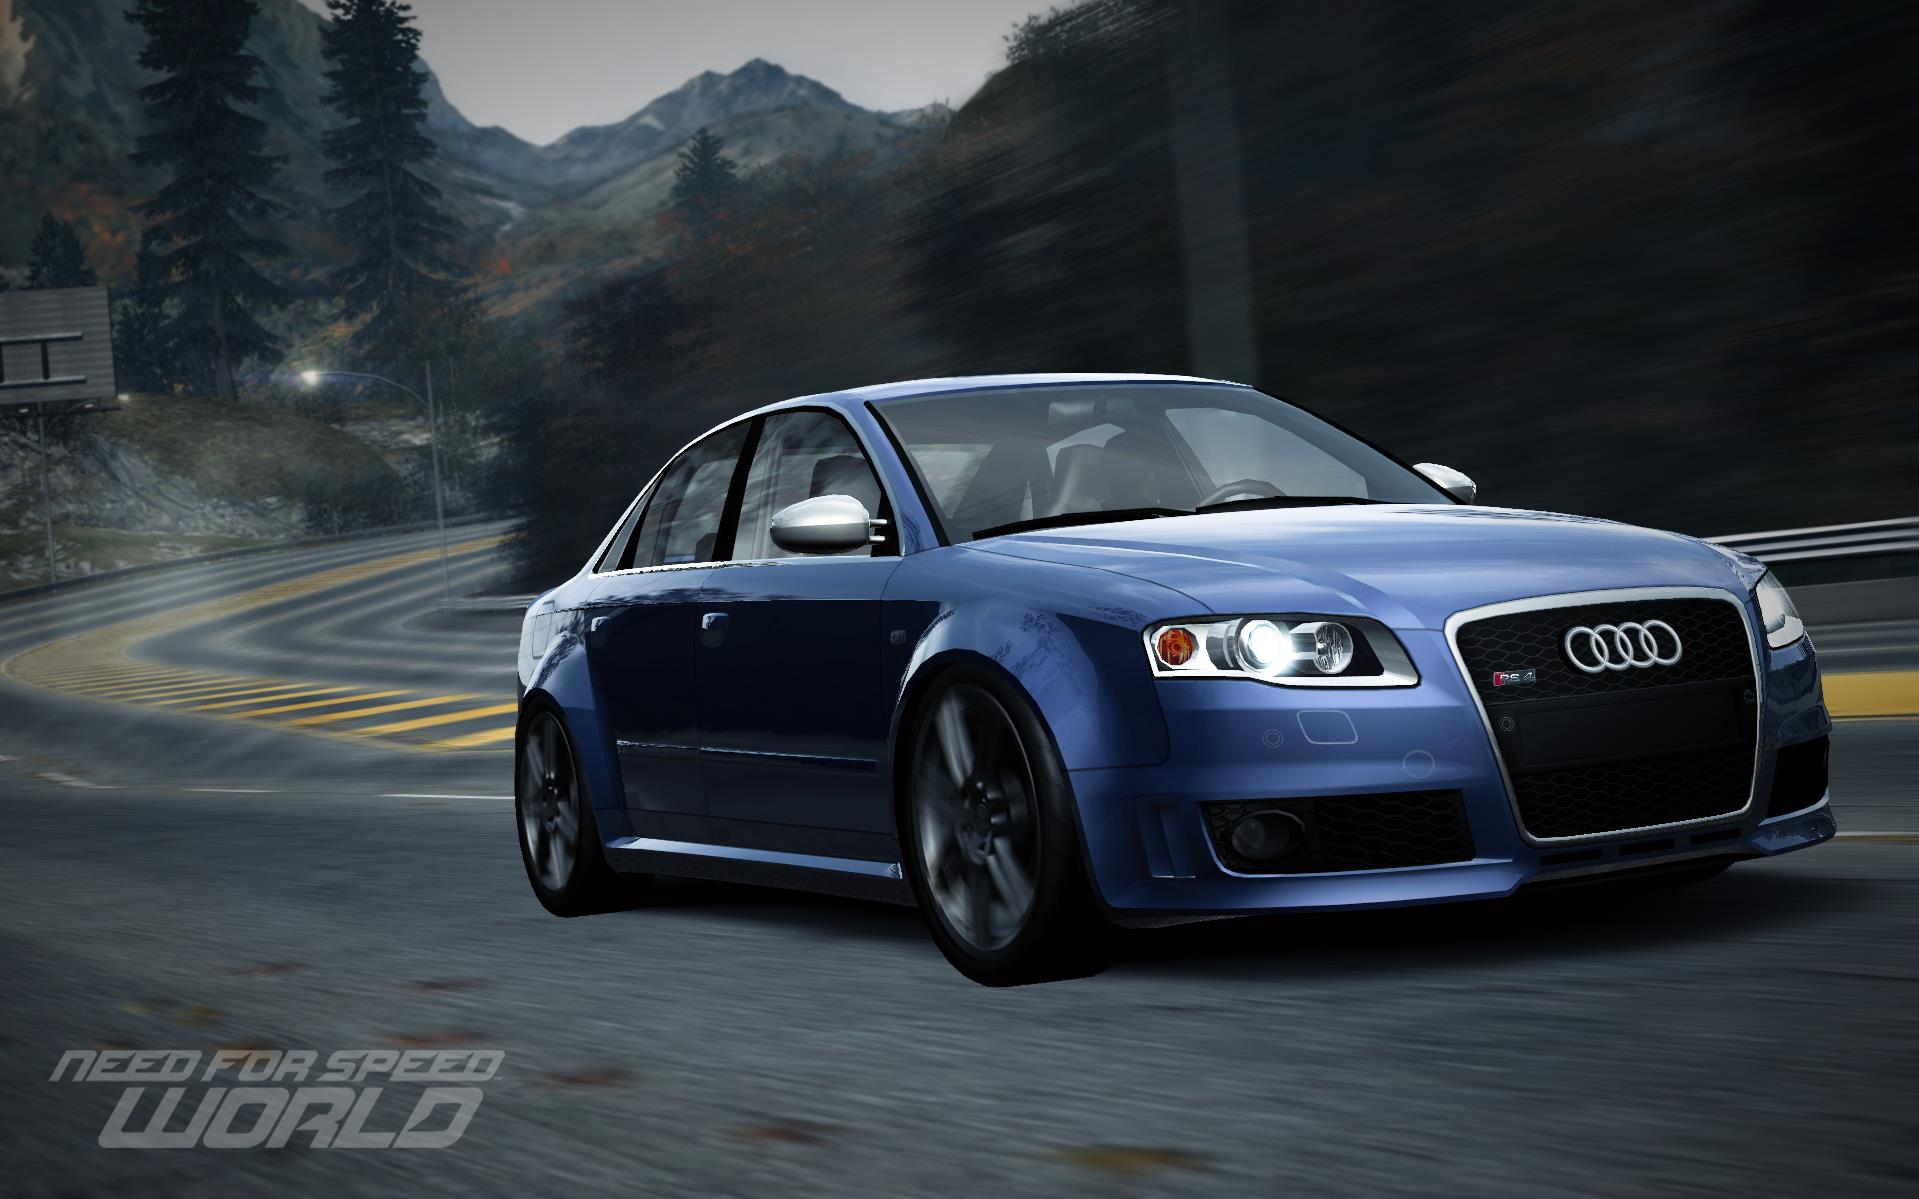 Audi RS 4 | NFS World Wiki | FANDOM powered by Wikia